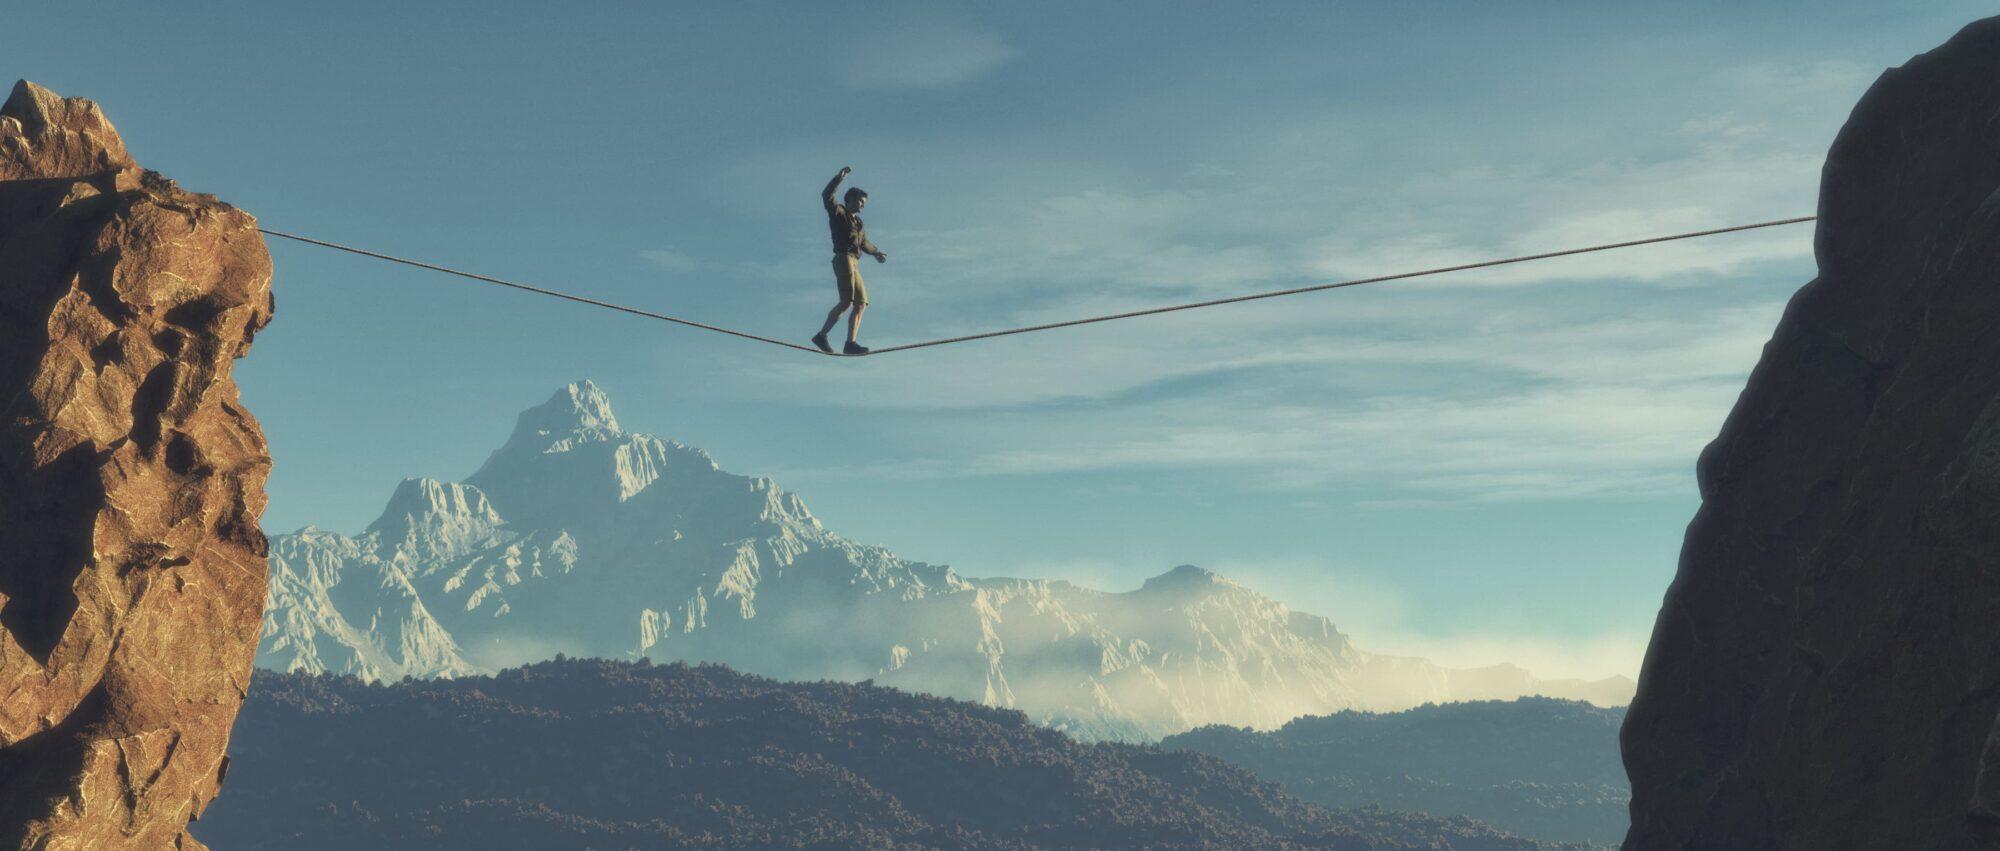 Mann läuft über ein Seil welches zwischen zwei Bergen gespannt ist | Dein Personal Trainer Berlin